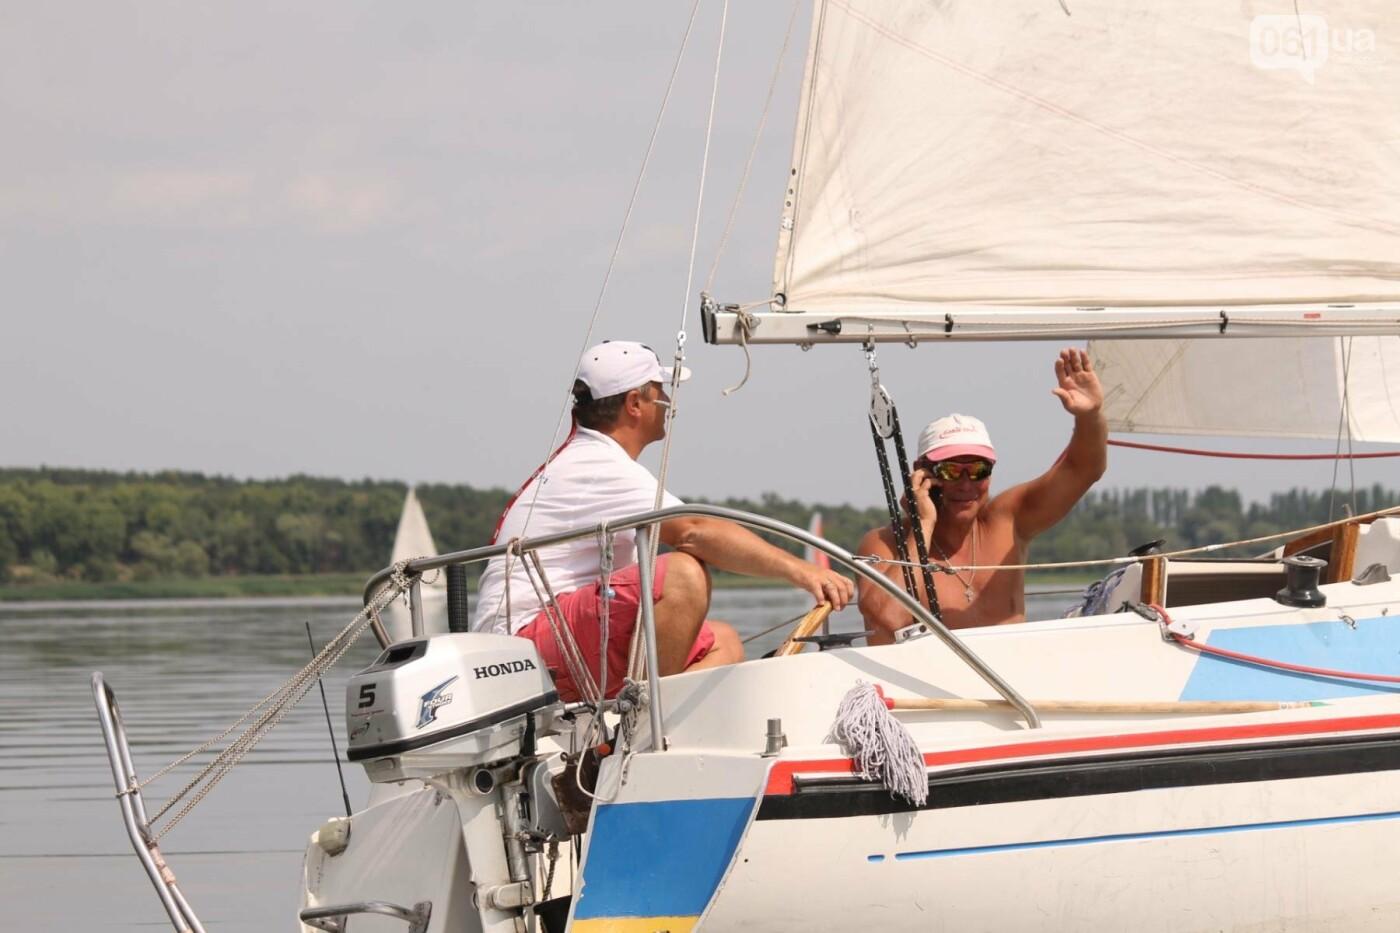 Сотни спортсменов и десятки яхт: как в Запорожье проходит парусная регата, – ФОТОРЕПОРТАЖ, фото-40